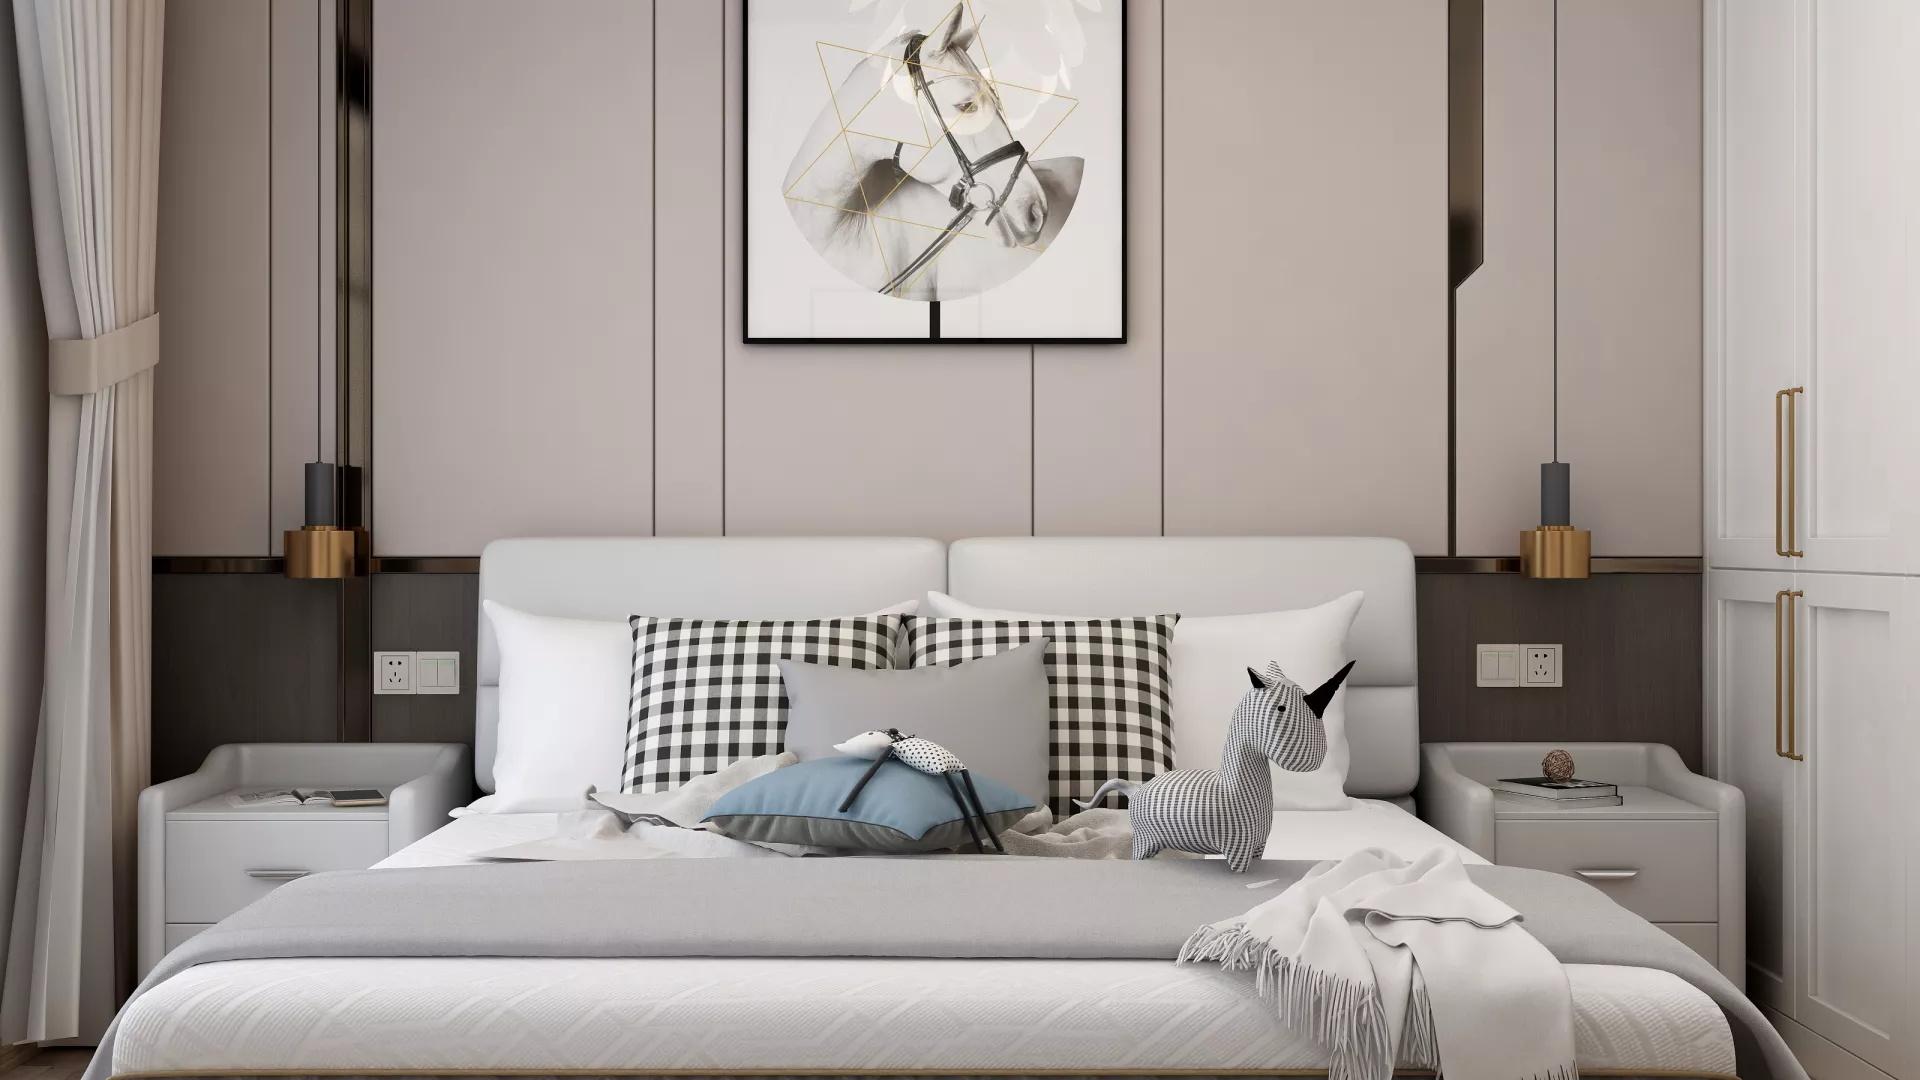 客厅装饰画如何选择 客厅装饰画选择的技巧